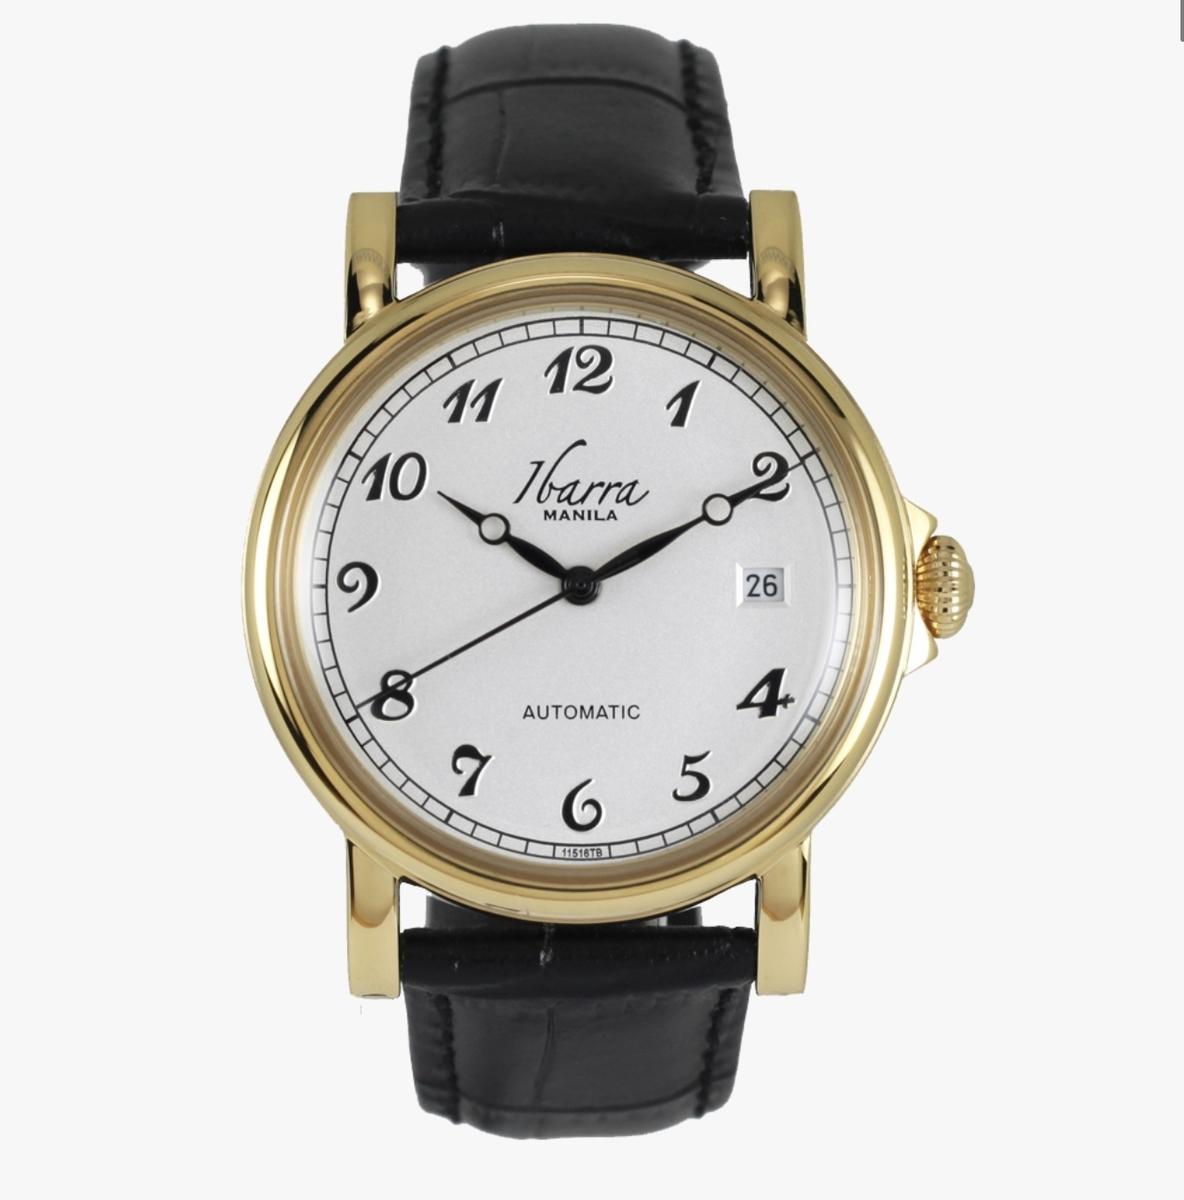 イバラ・マニアの時計の商品紹介画像1枚目